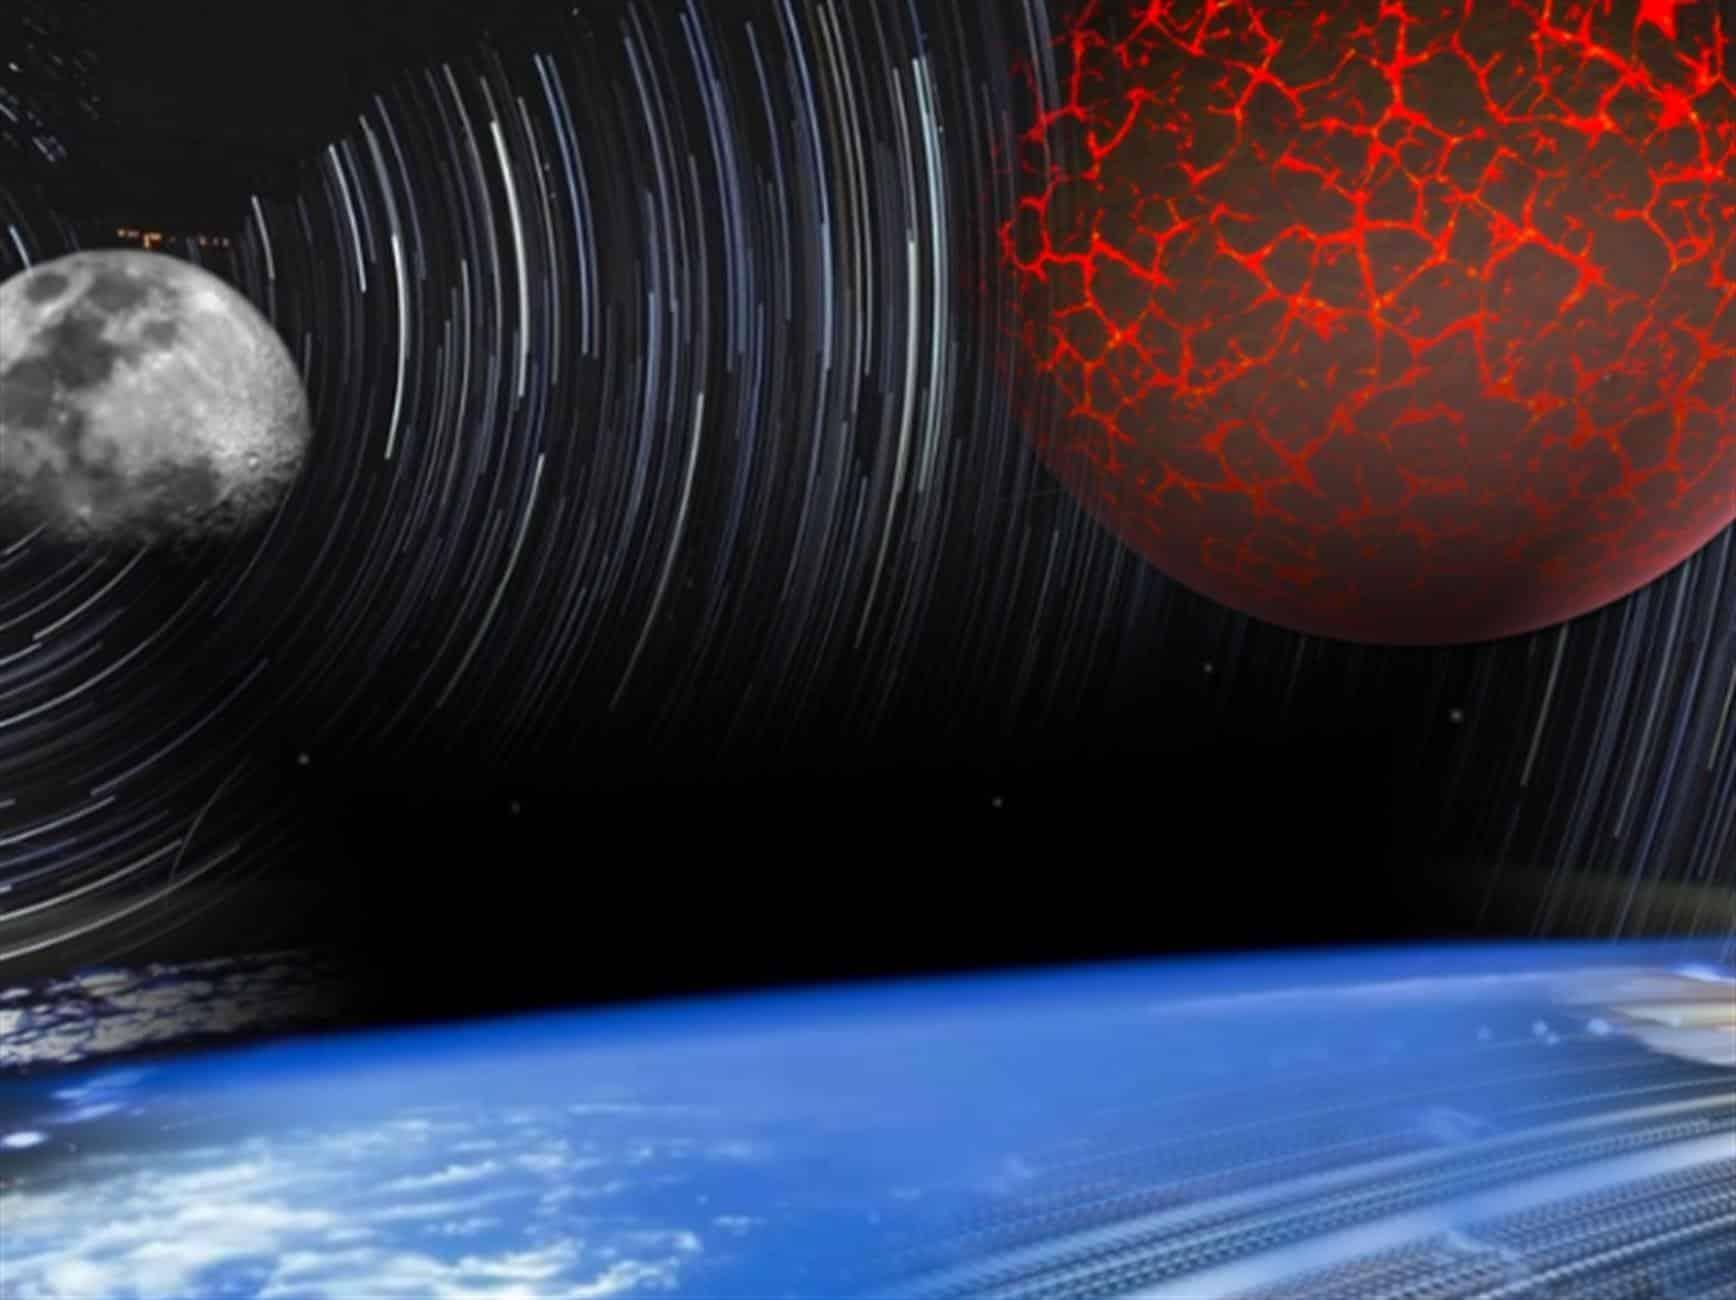 Столкновение Земли и Нибиру в 2019 году: когда, будет ли конец света